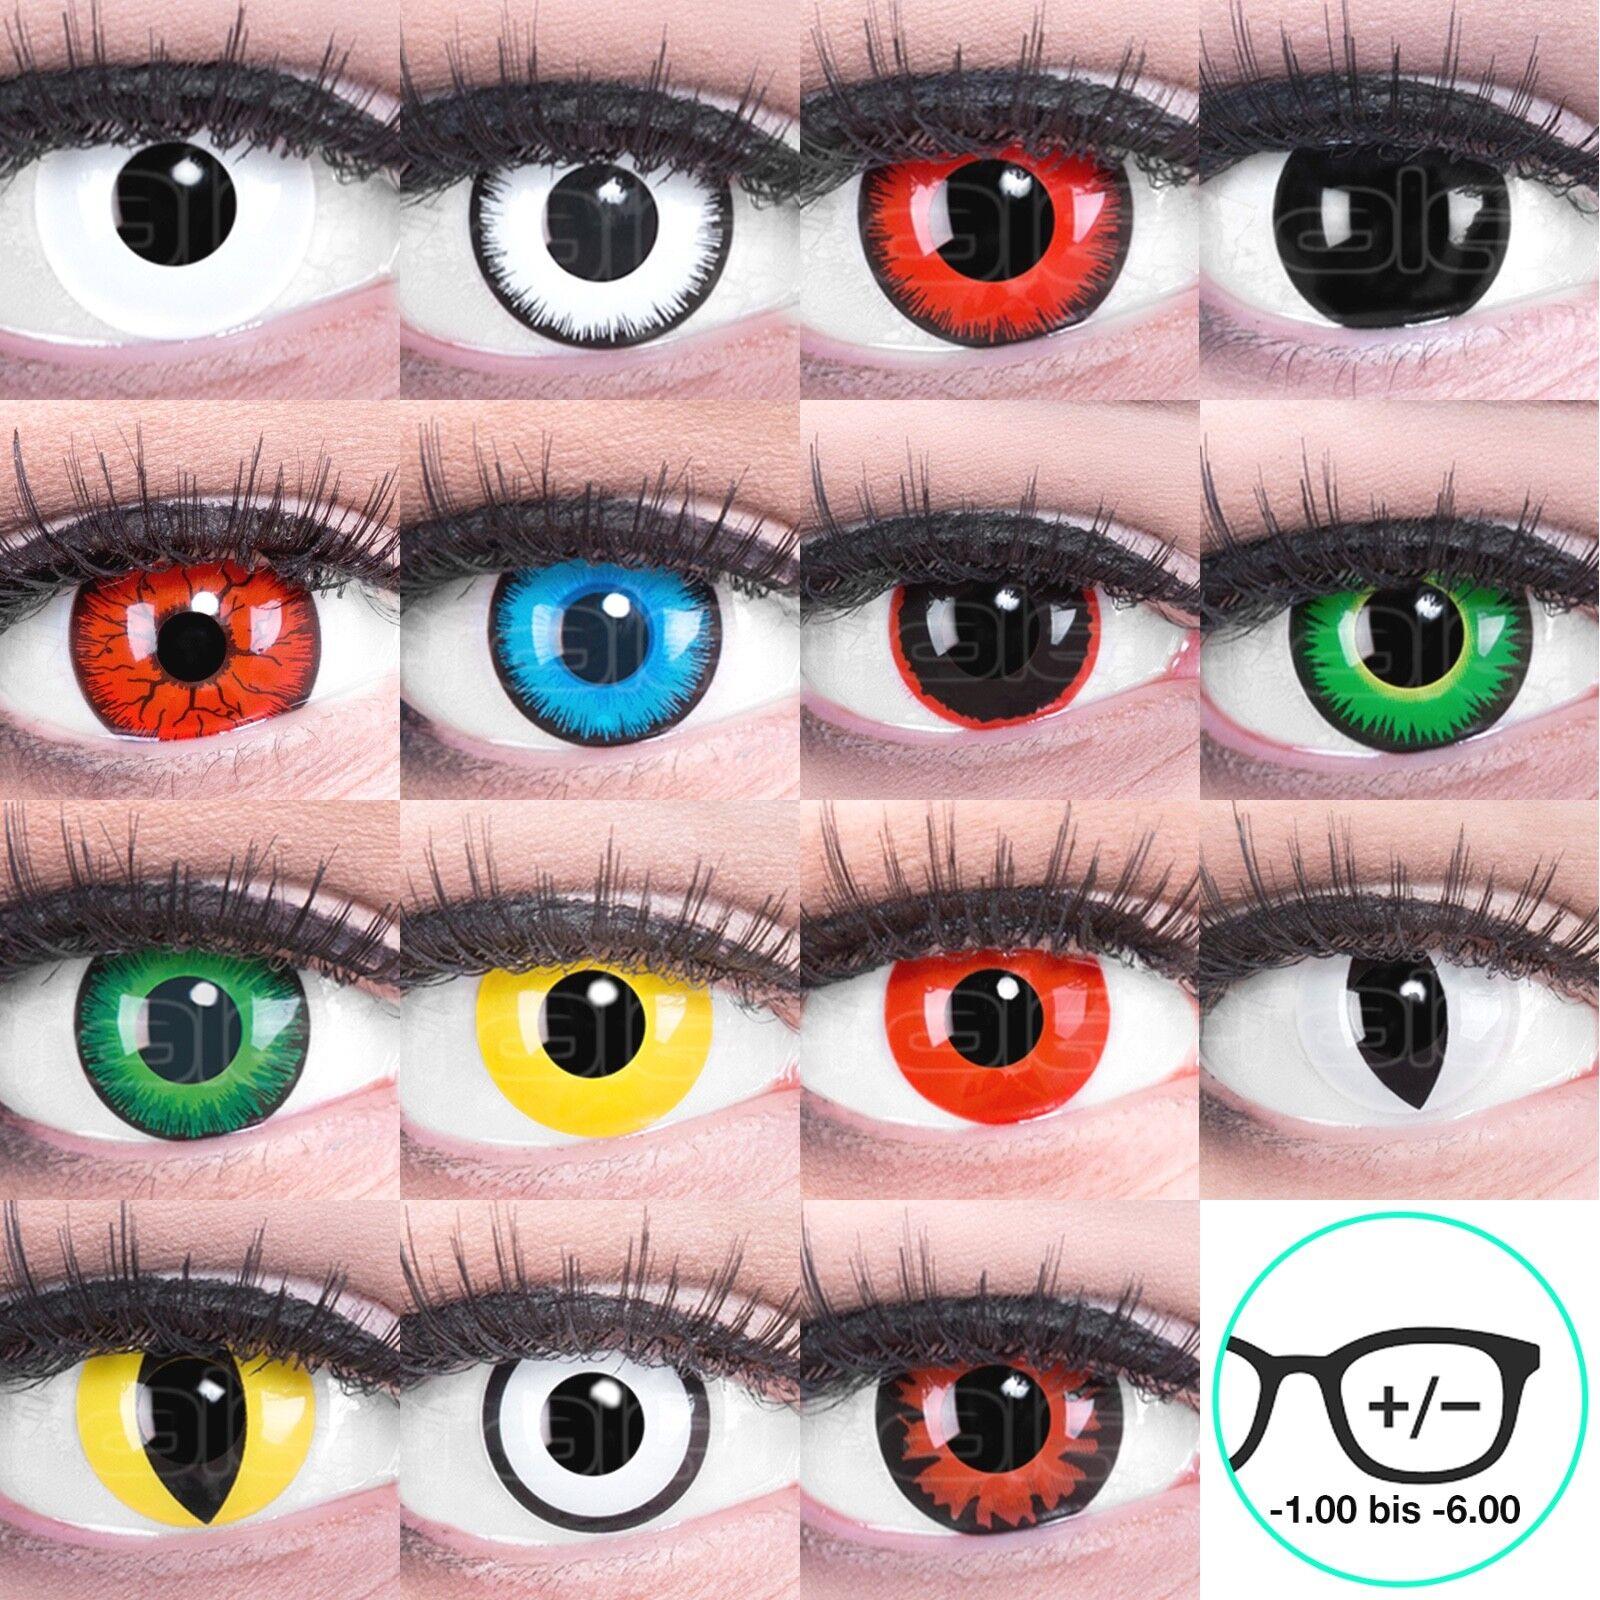 Farbige Kontaktlinsen MIT Stärke Crazy Halloween Vampir Zombie Rot Weiß Blau